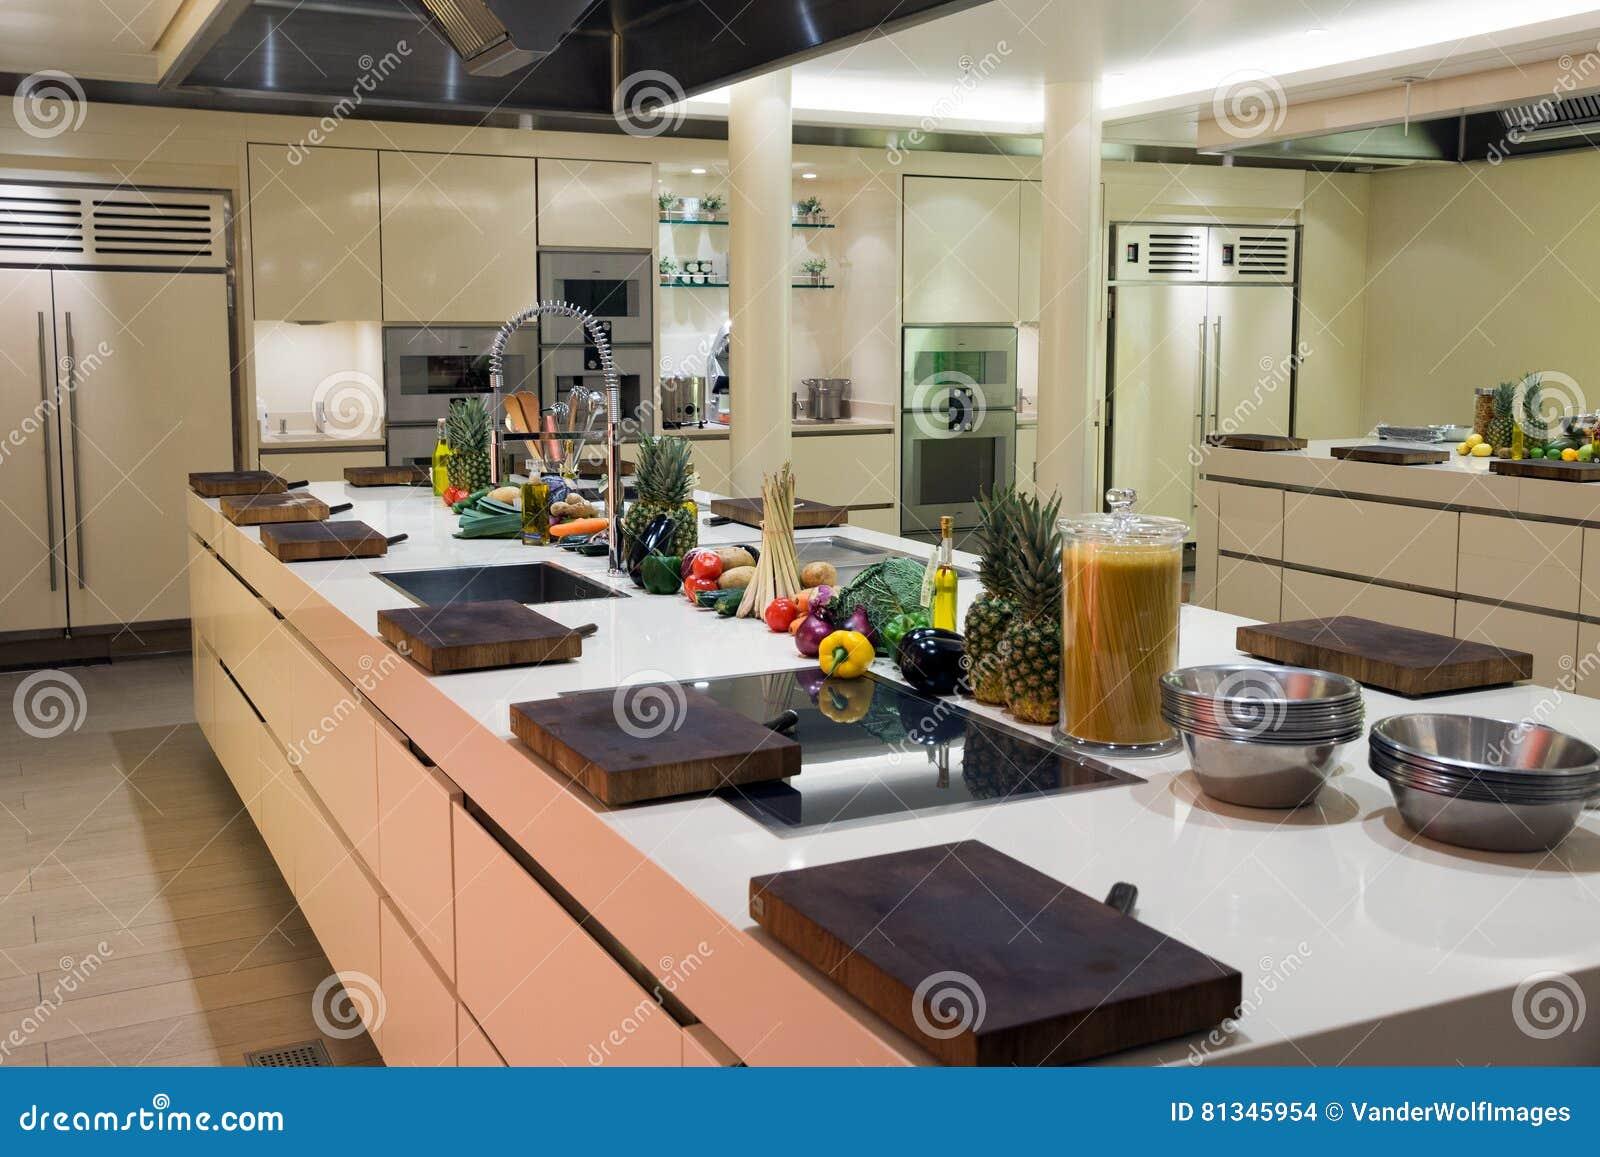 Cozinha Industrial Moderna Foto De Stock Imagem De Contador 81345954